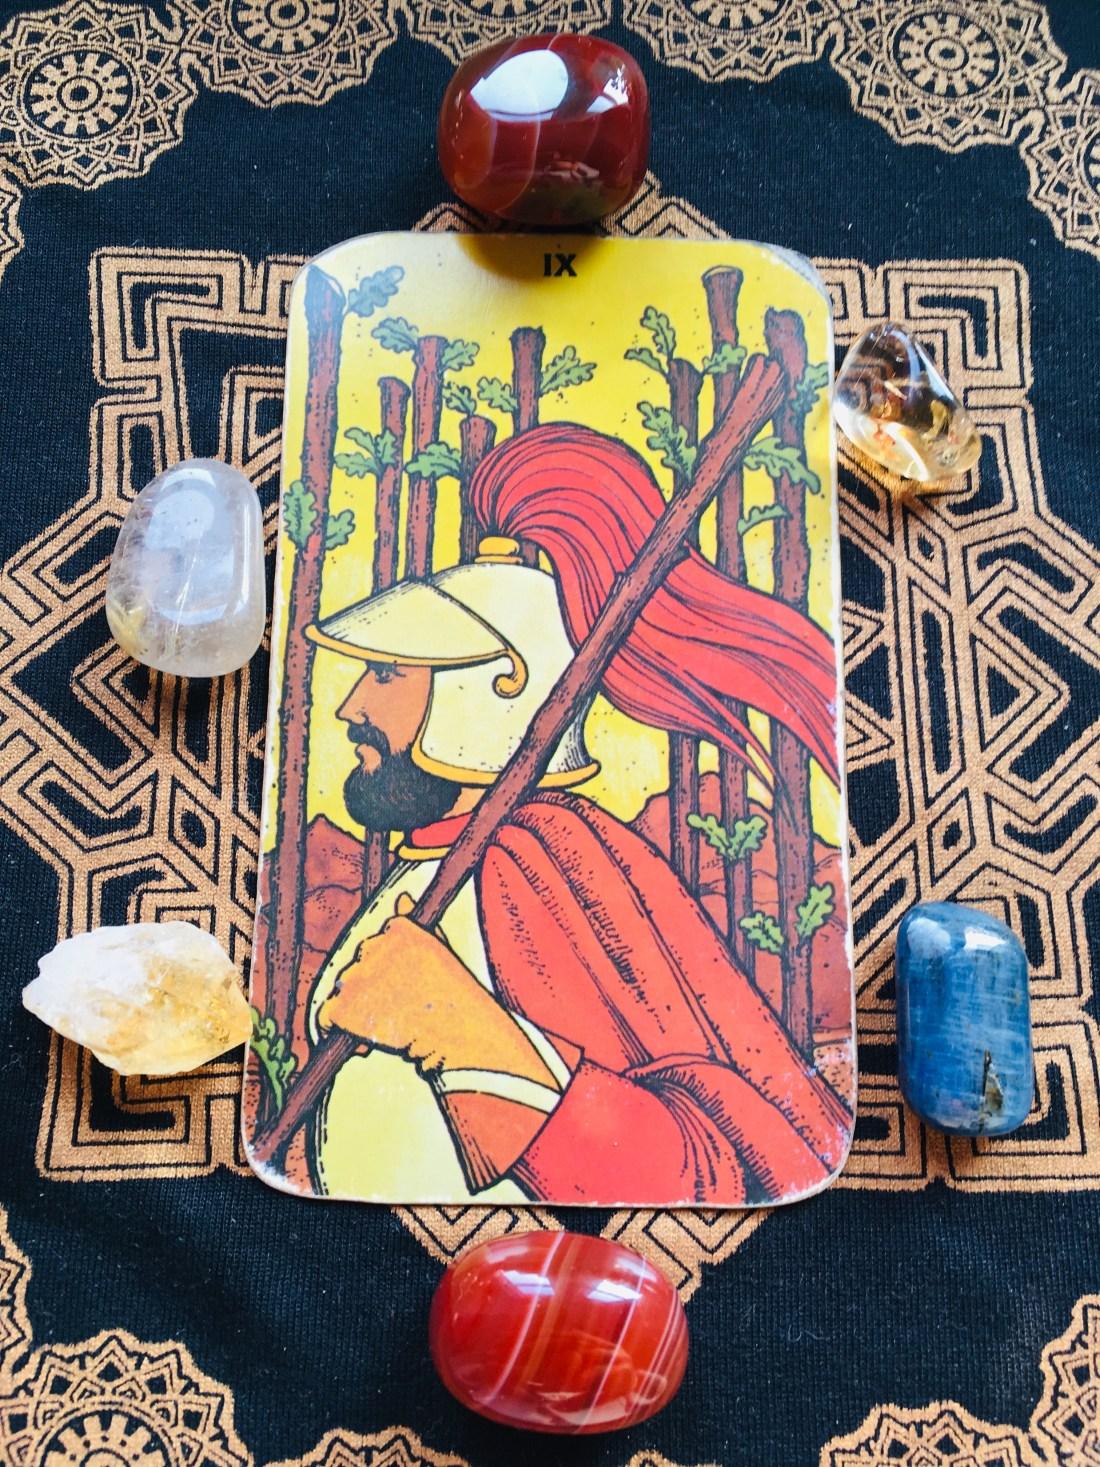 Nine of Rods Tarot card